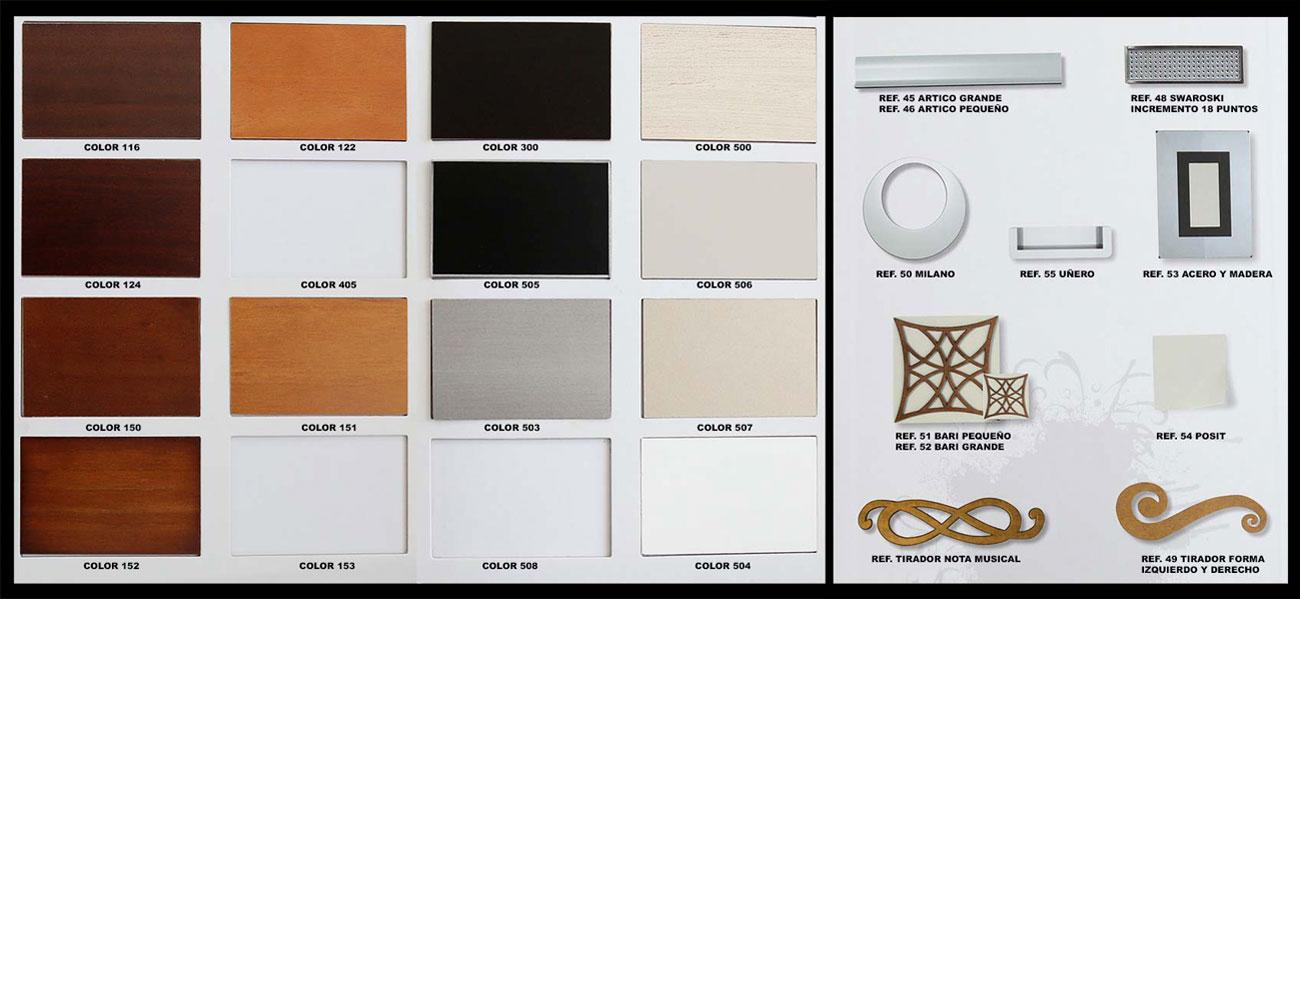 Colores tiradores15